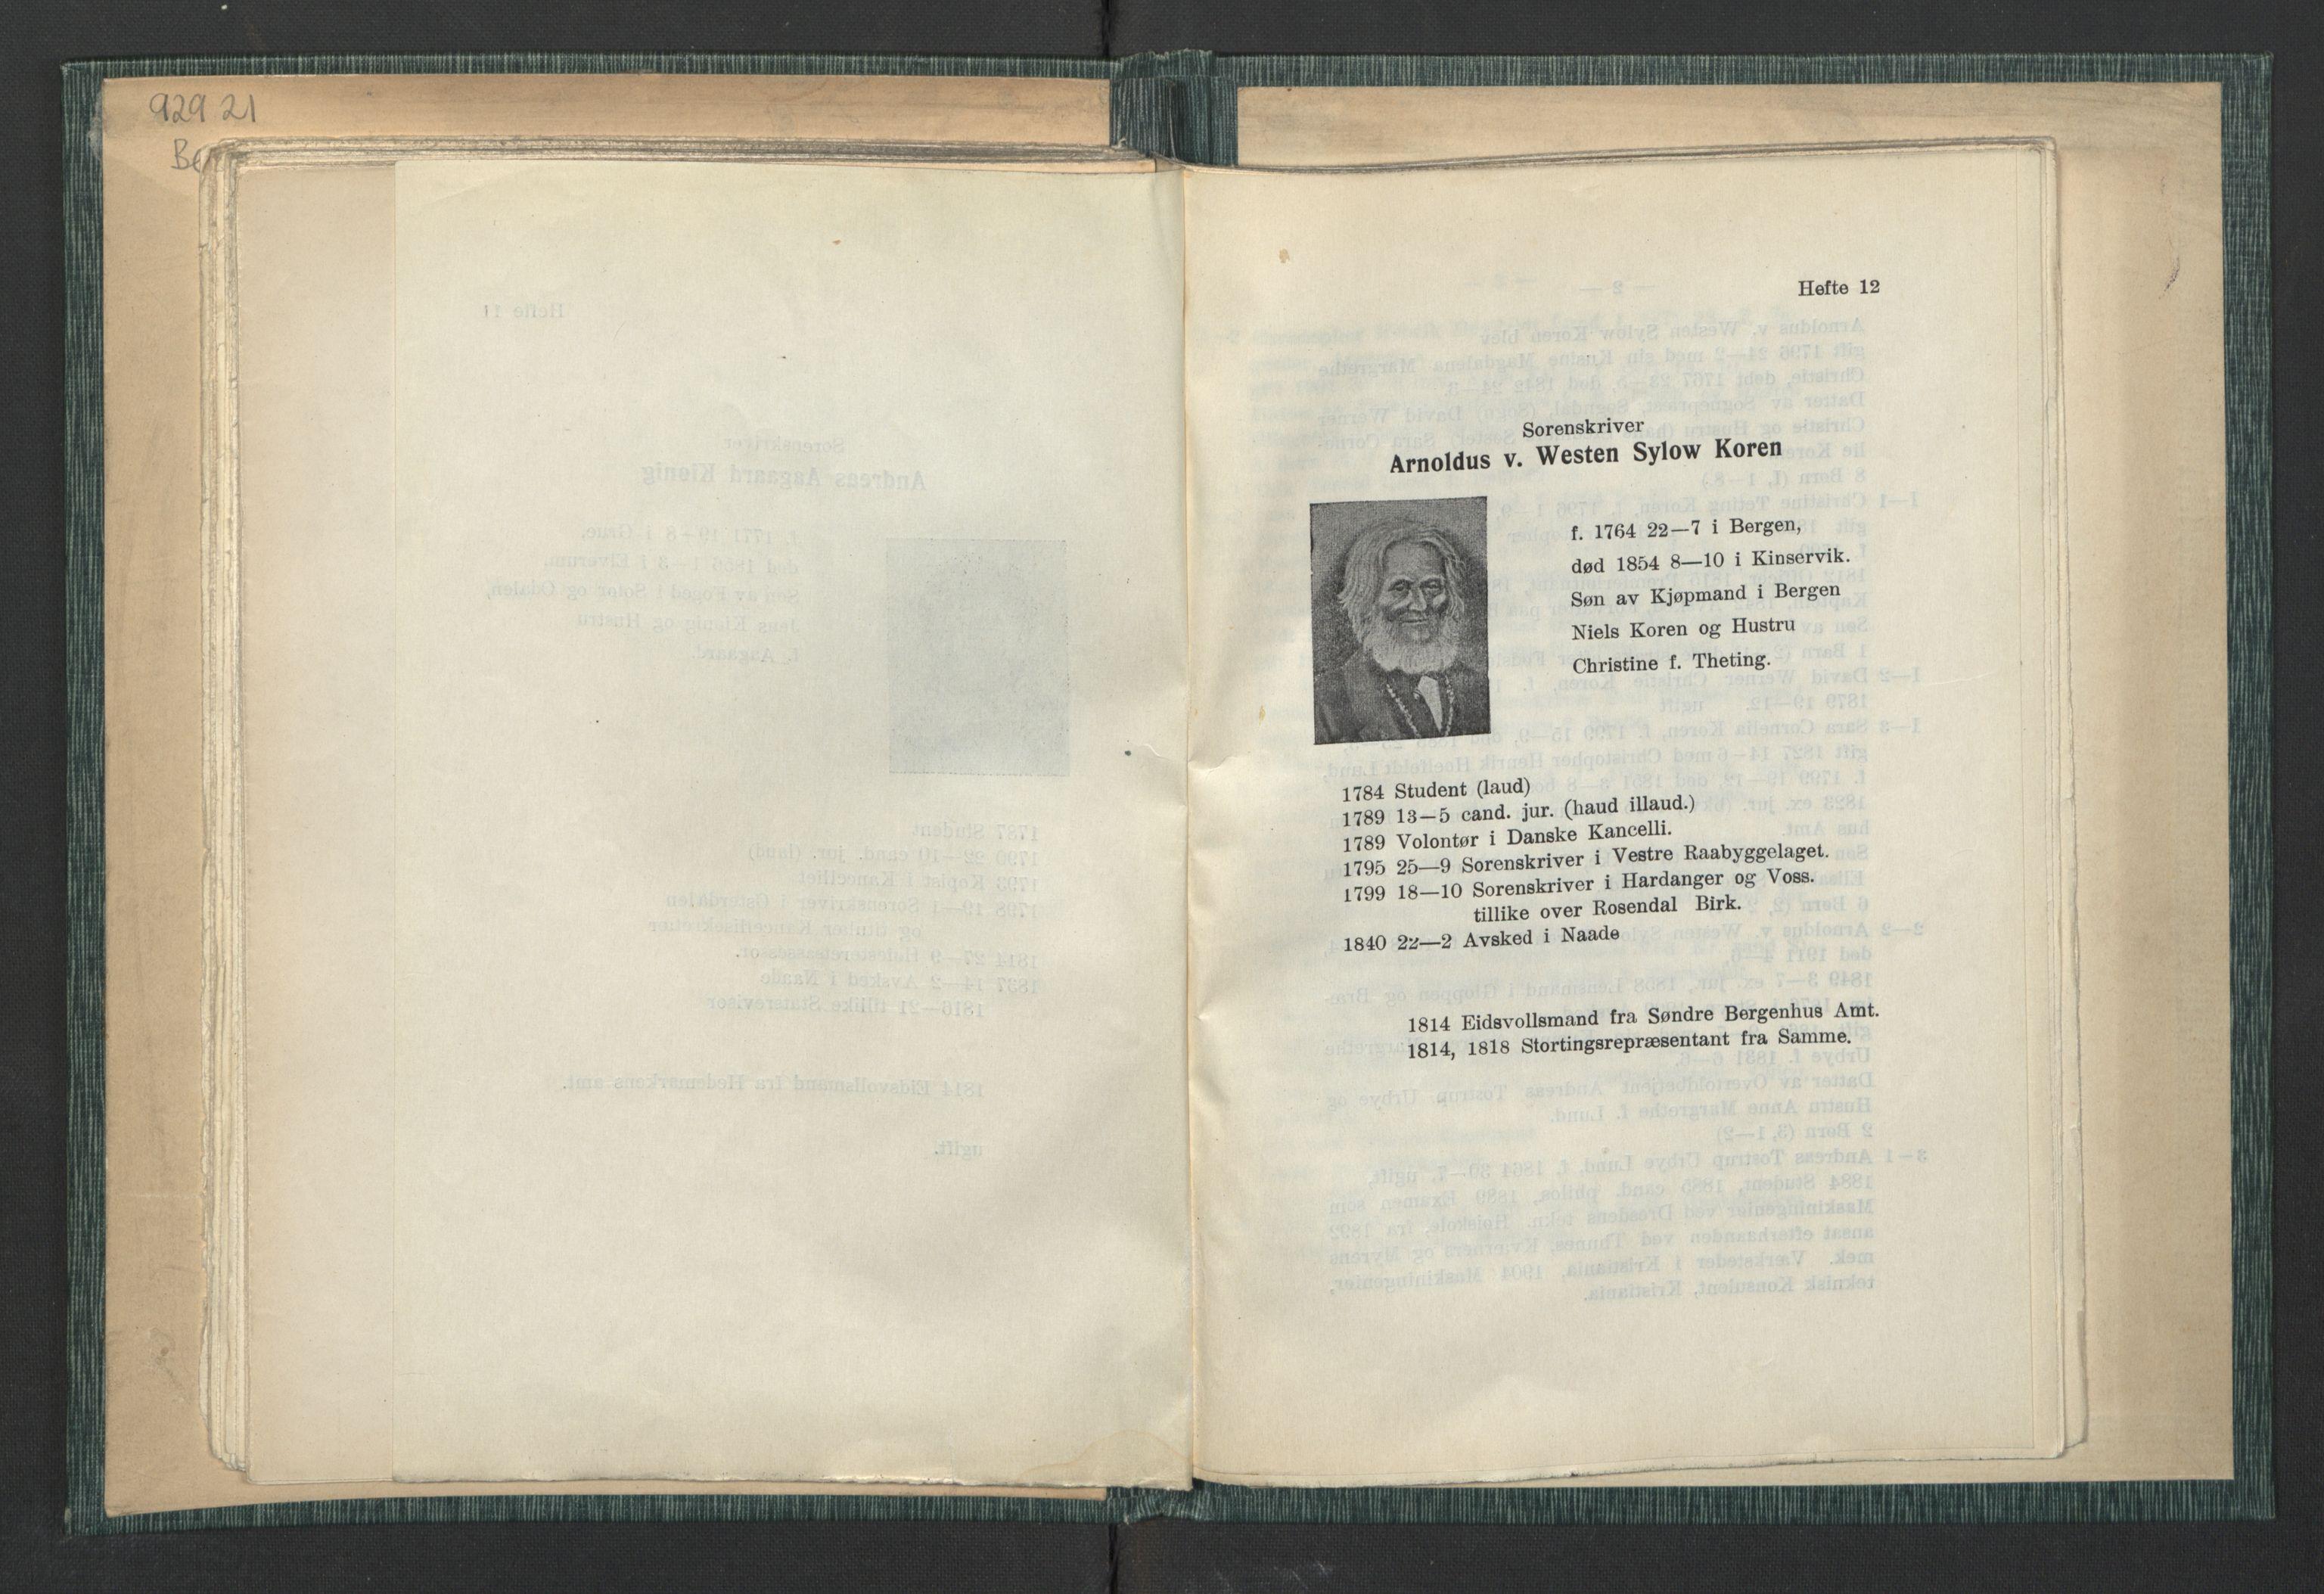 RA, Publikasjoner*, 1914, s. 58